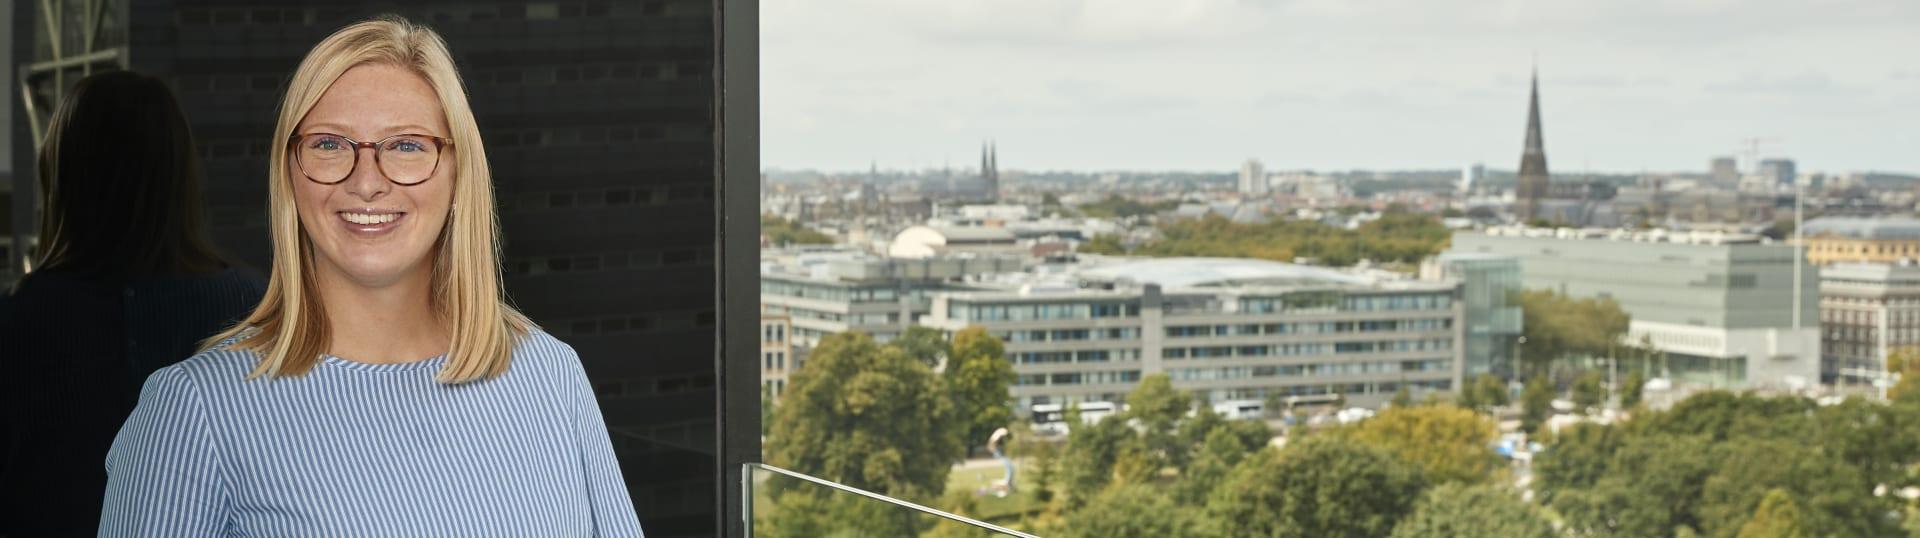 Femke Binnendijk, advocaat Pels Rijcken